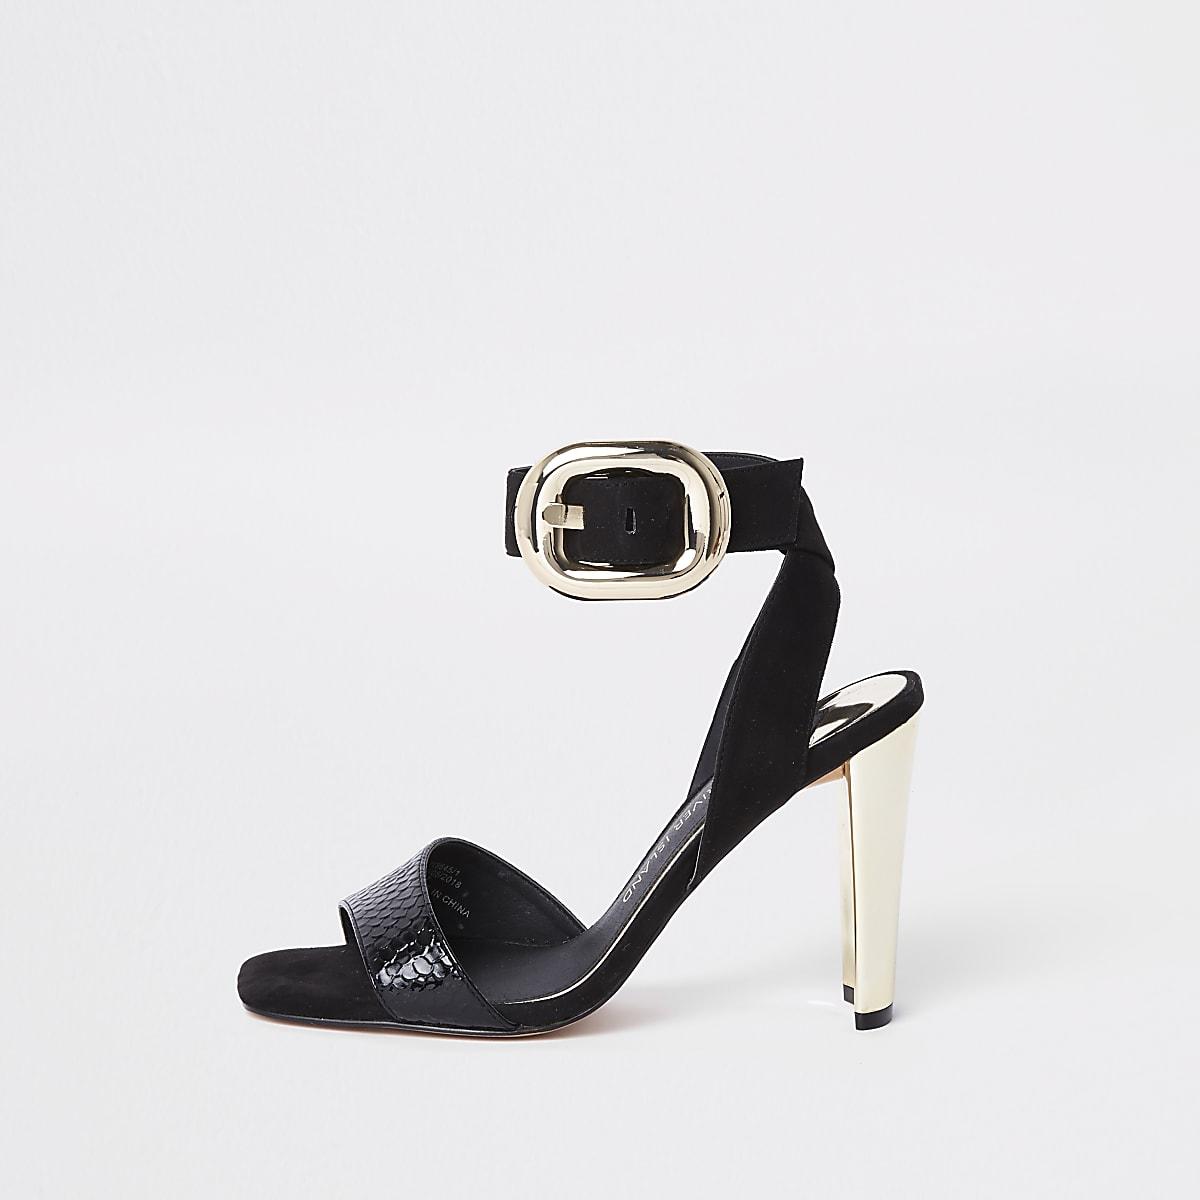 Schwarze Sandalen mit schmalem Absatz